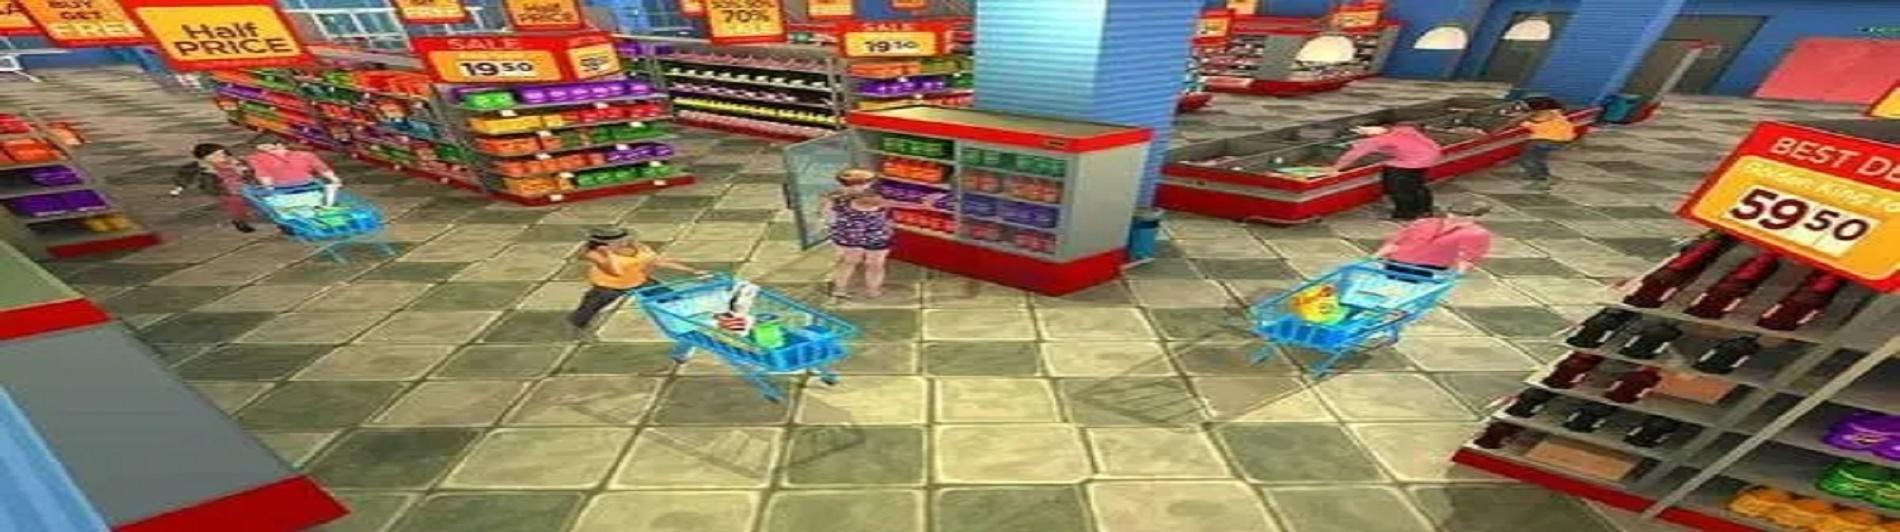 模拟商场开店游戏下载大全